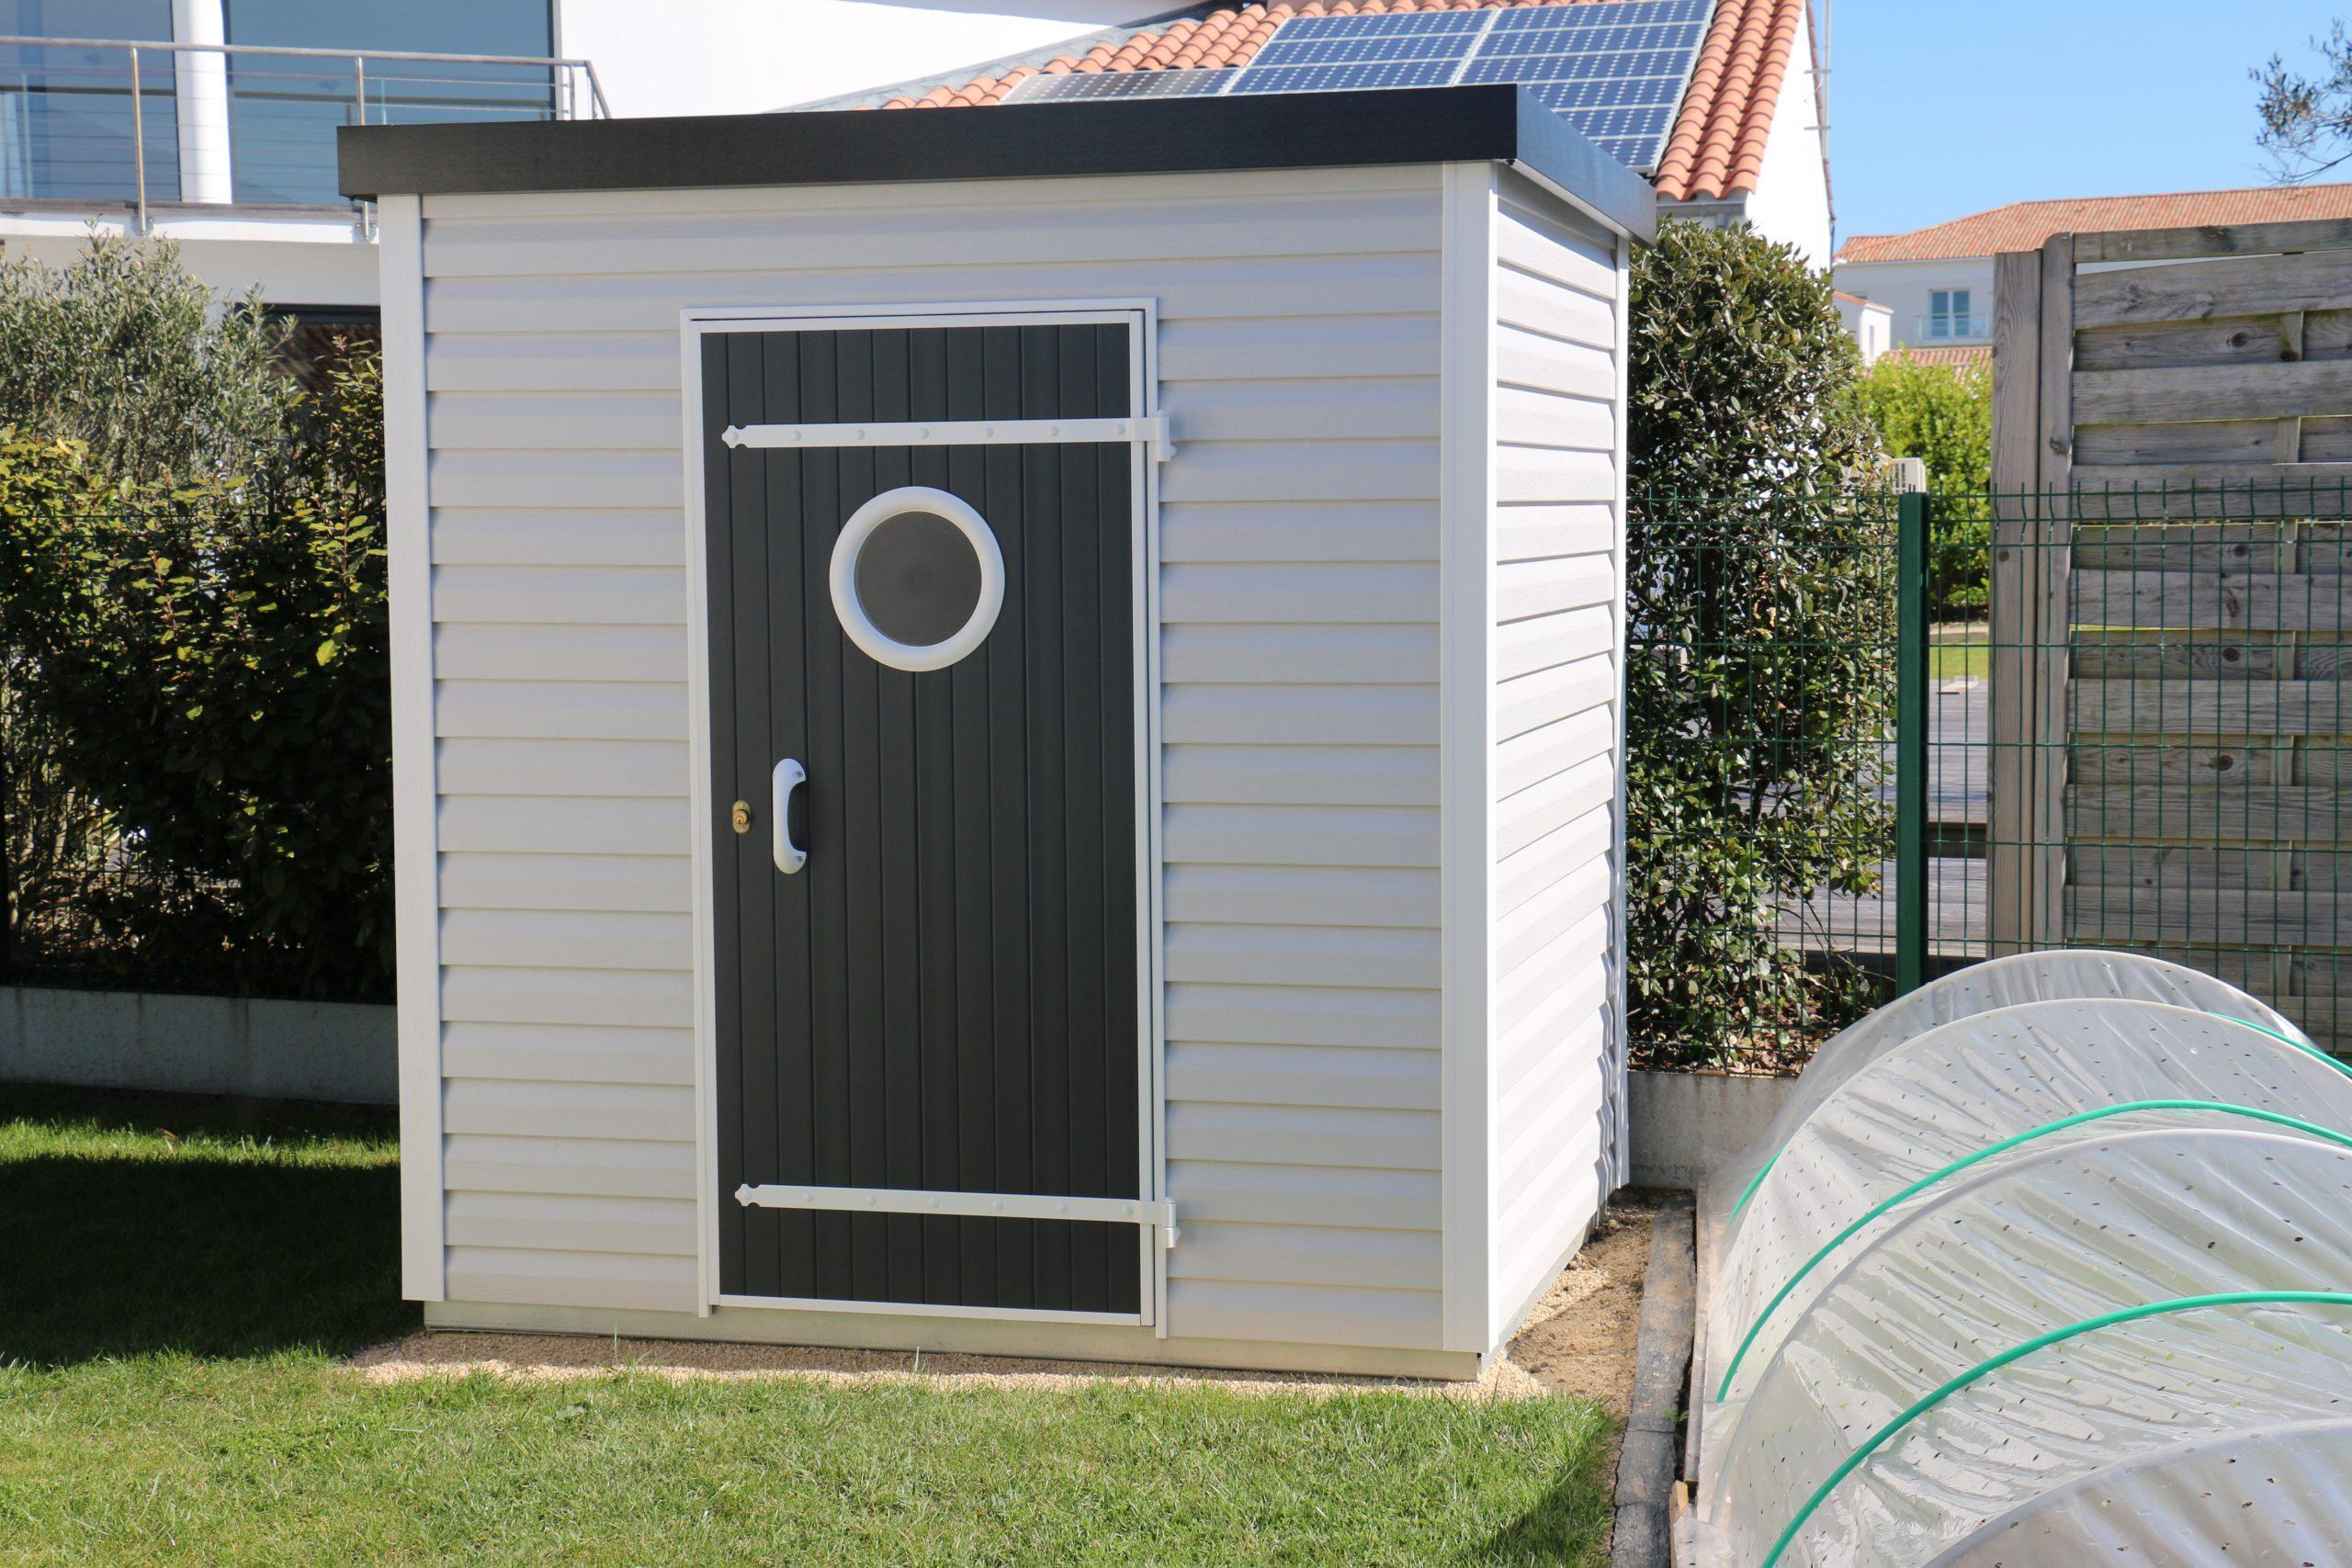 Abri De Jardin Design Toit Plat 3,72 M² - Abri Pvc < 10 M² Nea Concept intérieur Abris Jardin Toit Plat